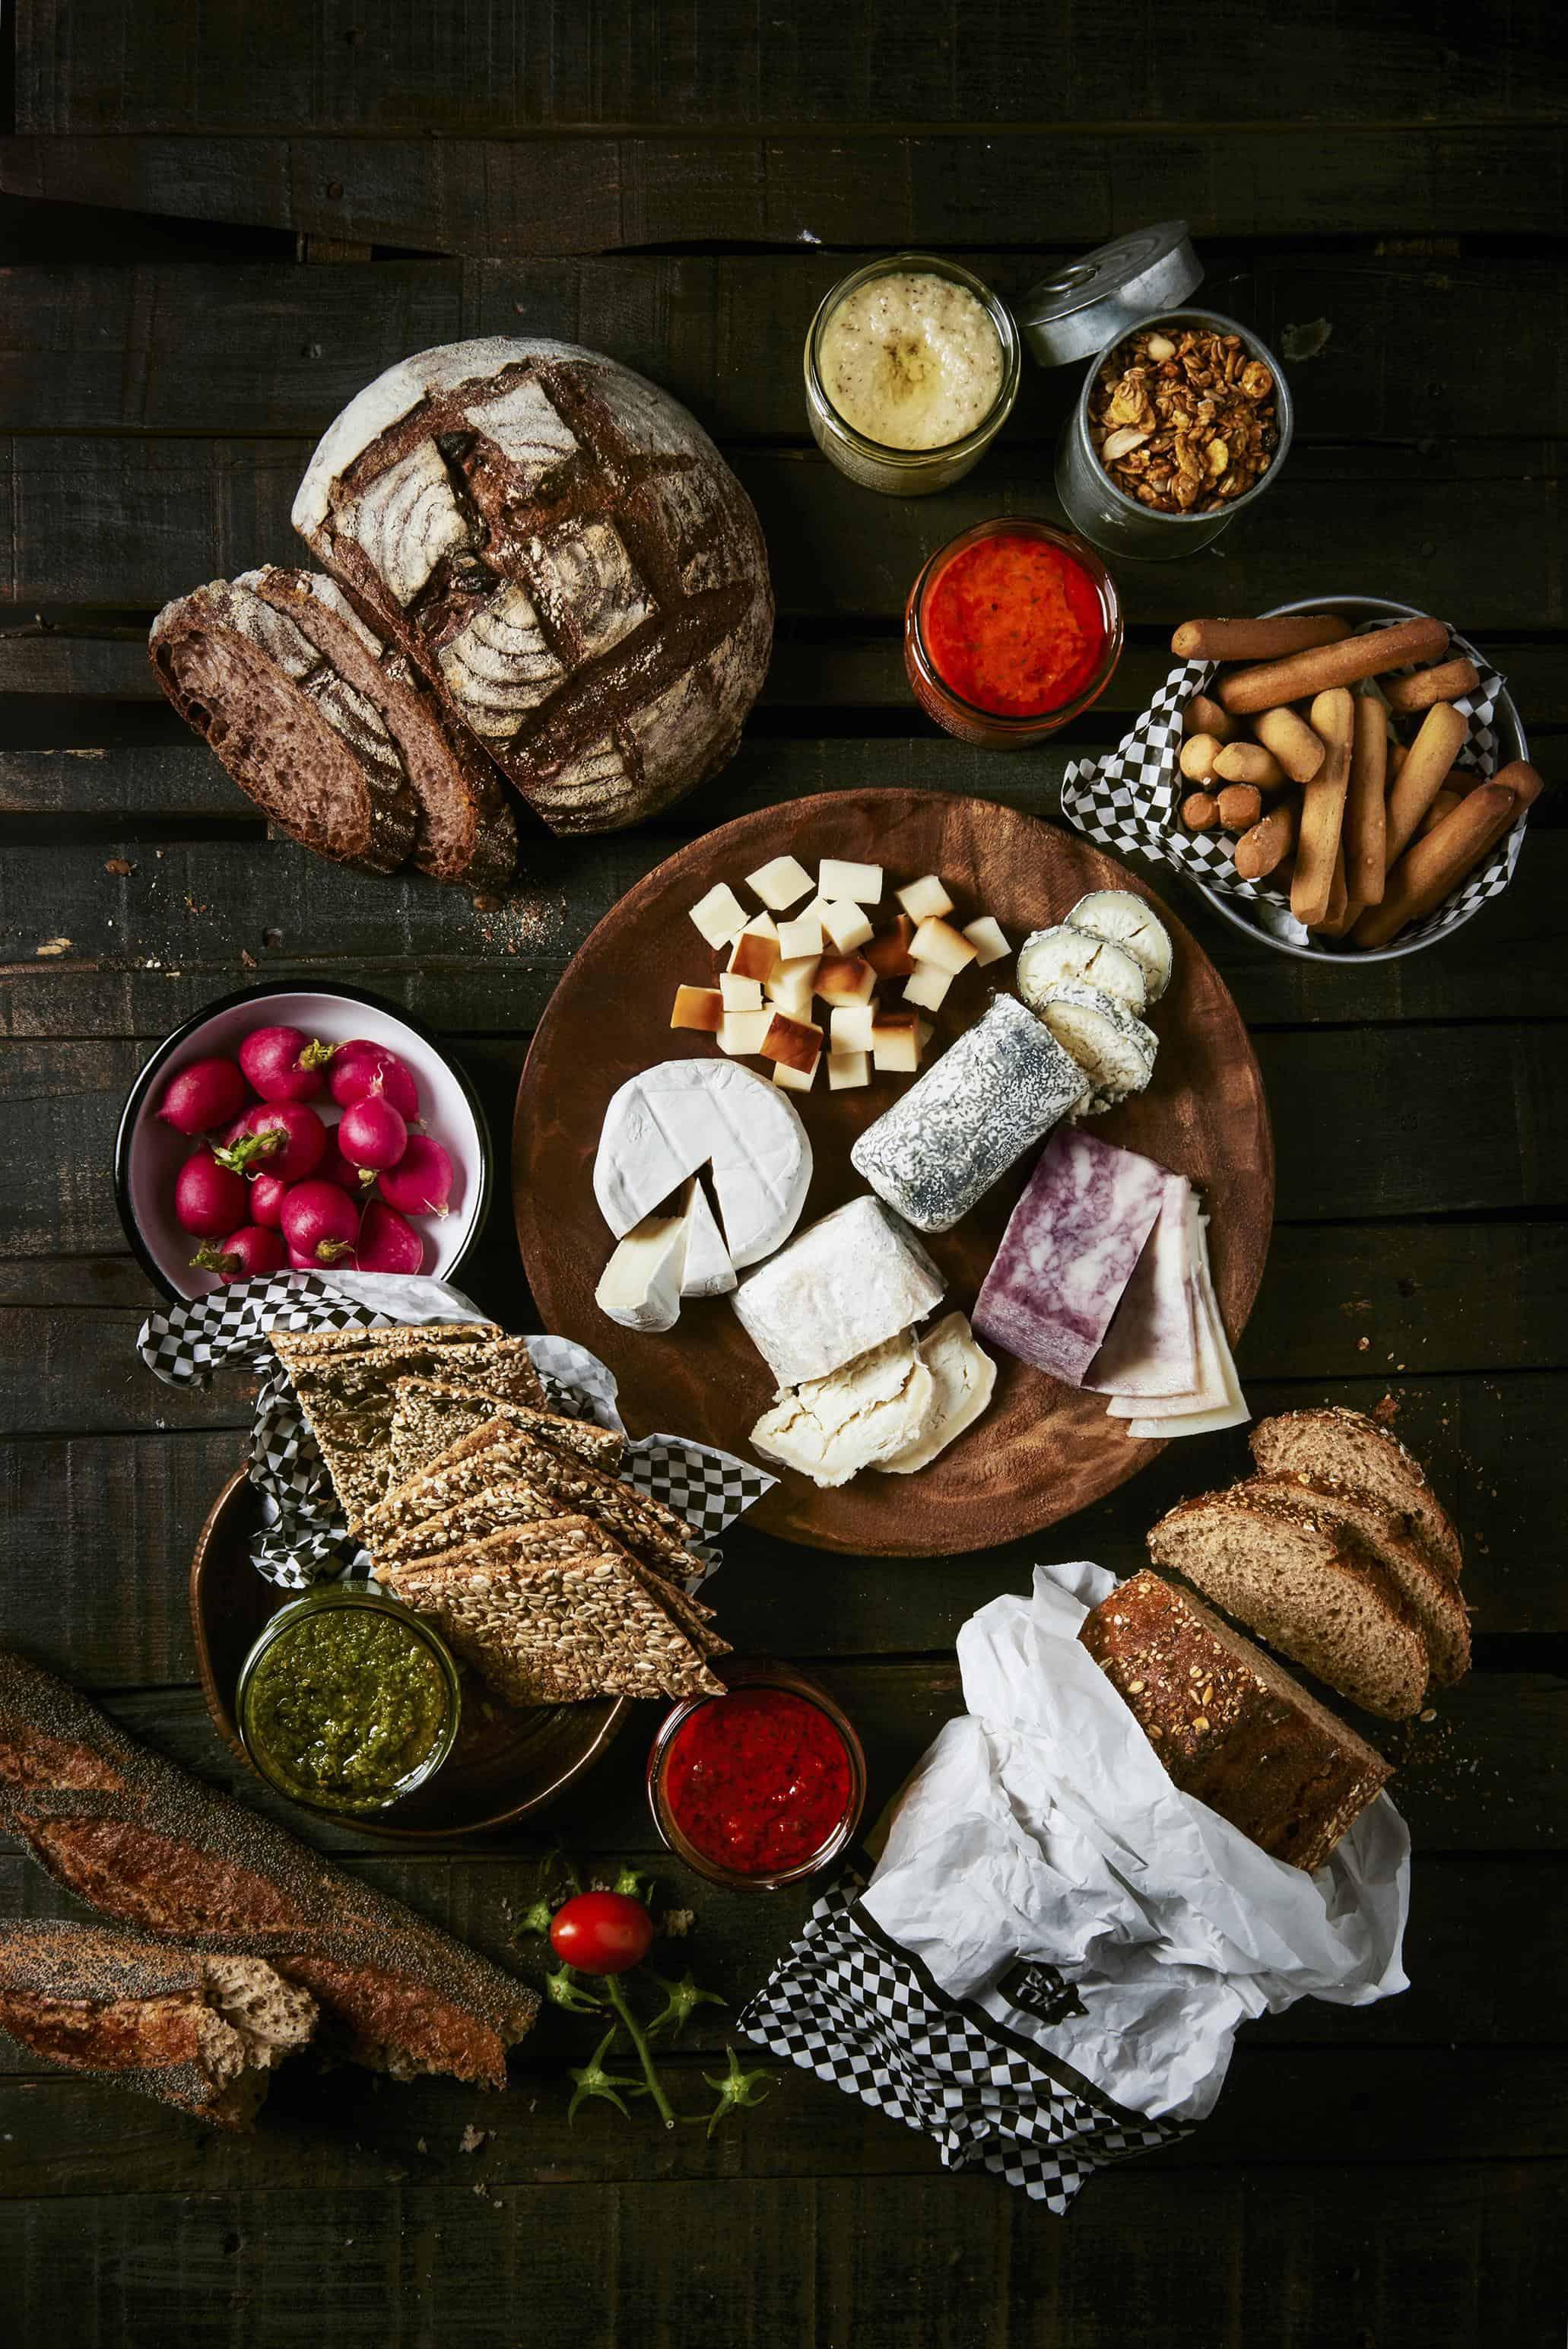 לחם ארז-מטעמים_צילום-בן יוסטר (Custom)